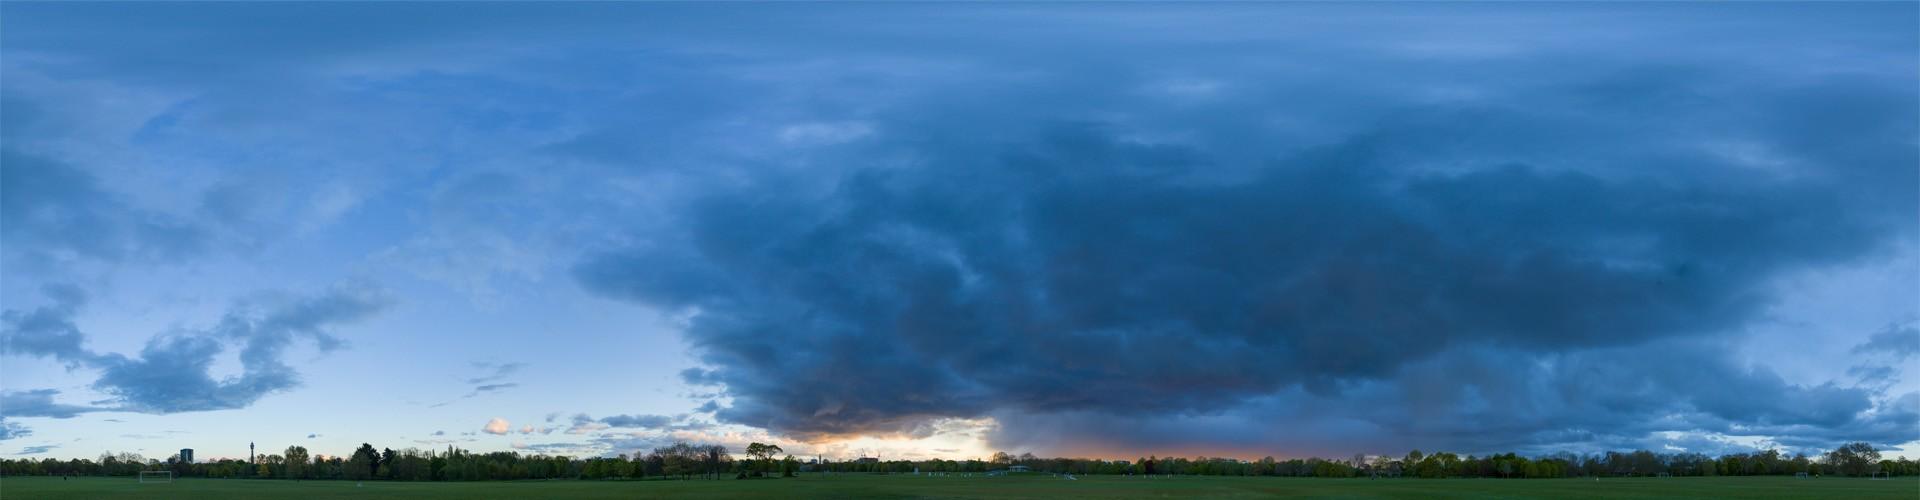 Rainy Blue Hour 8176 (30k) HDRI